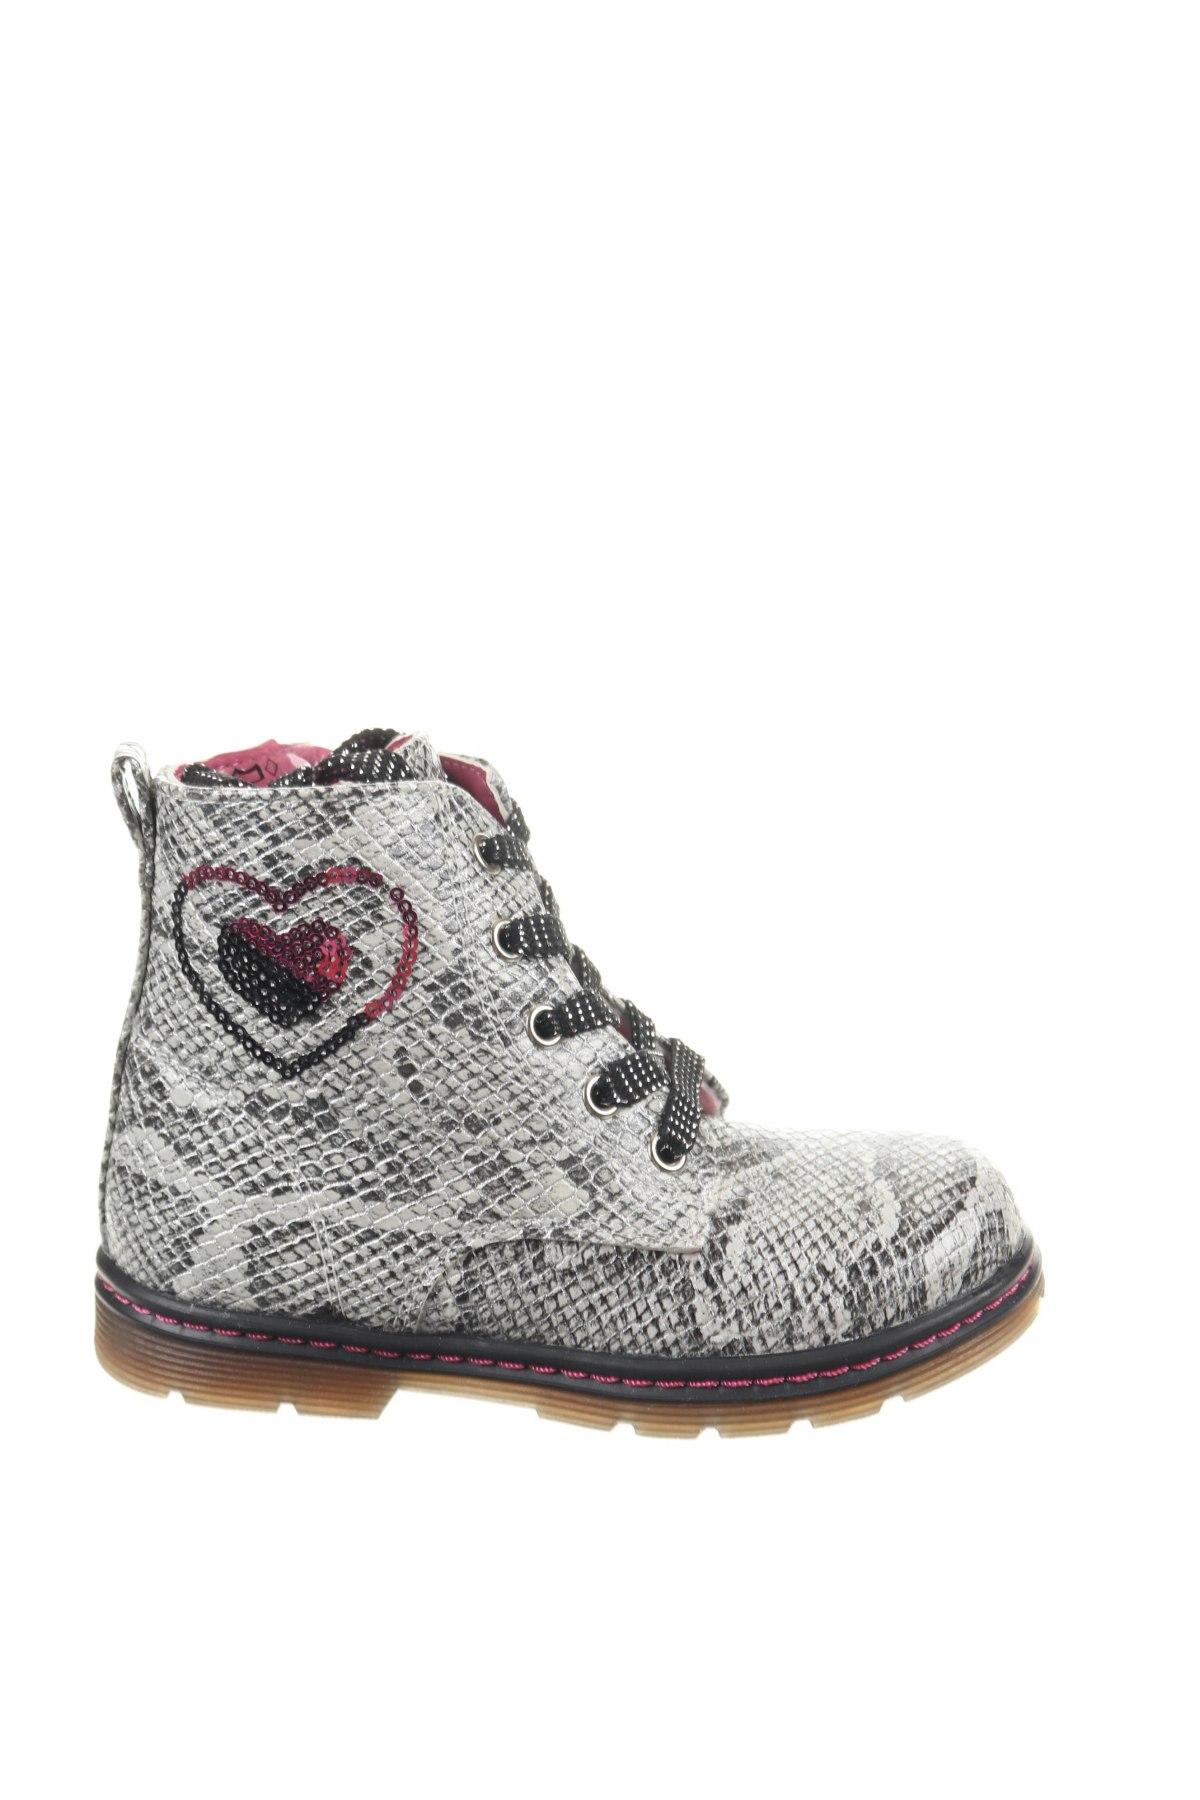 Παιδικά παπούτσια Saxo Blues, Μέγεθος 28, Χρώμα Μαύρο, Δερματίνη, Τιμή 13,44€